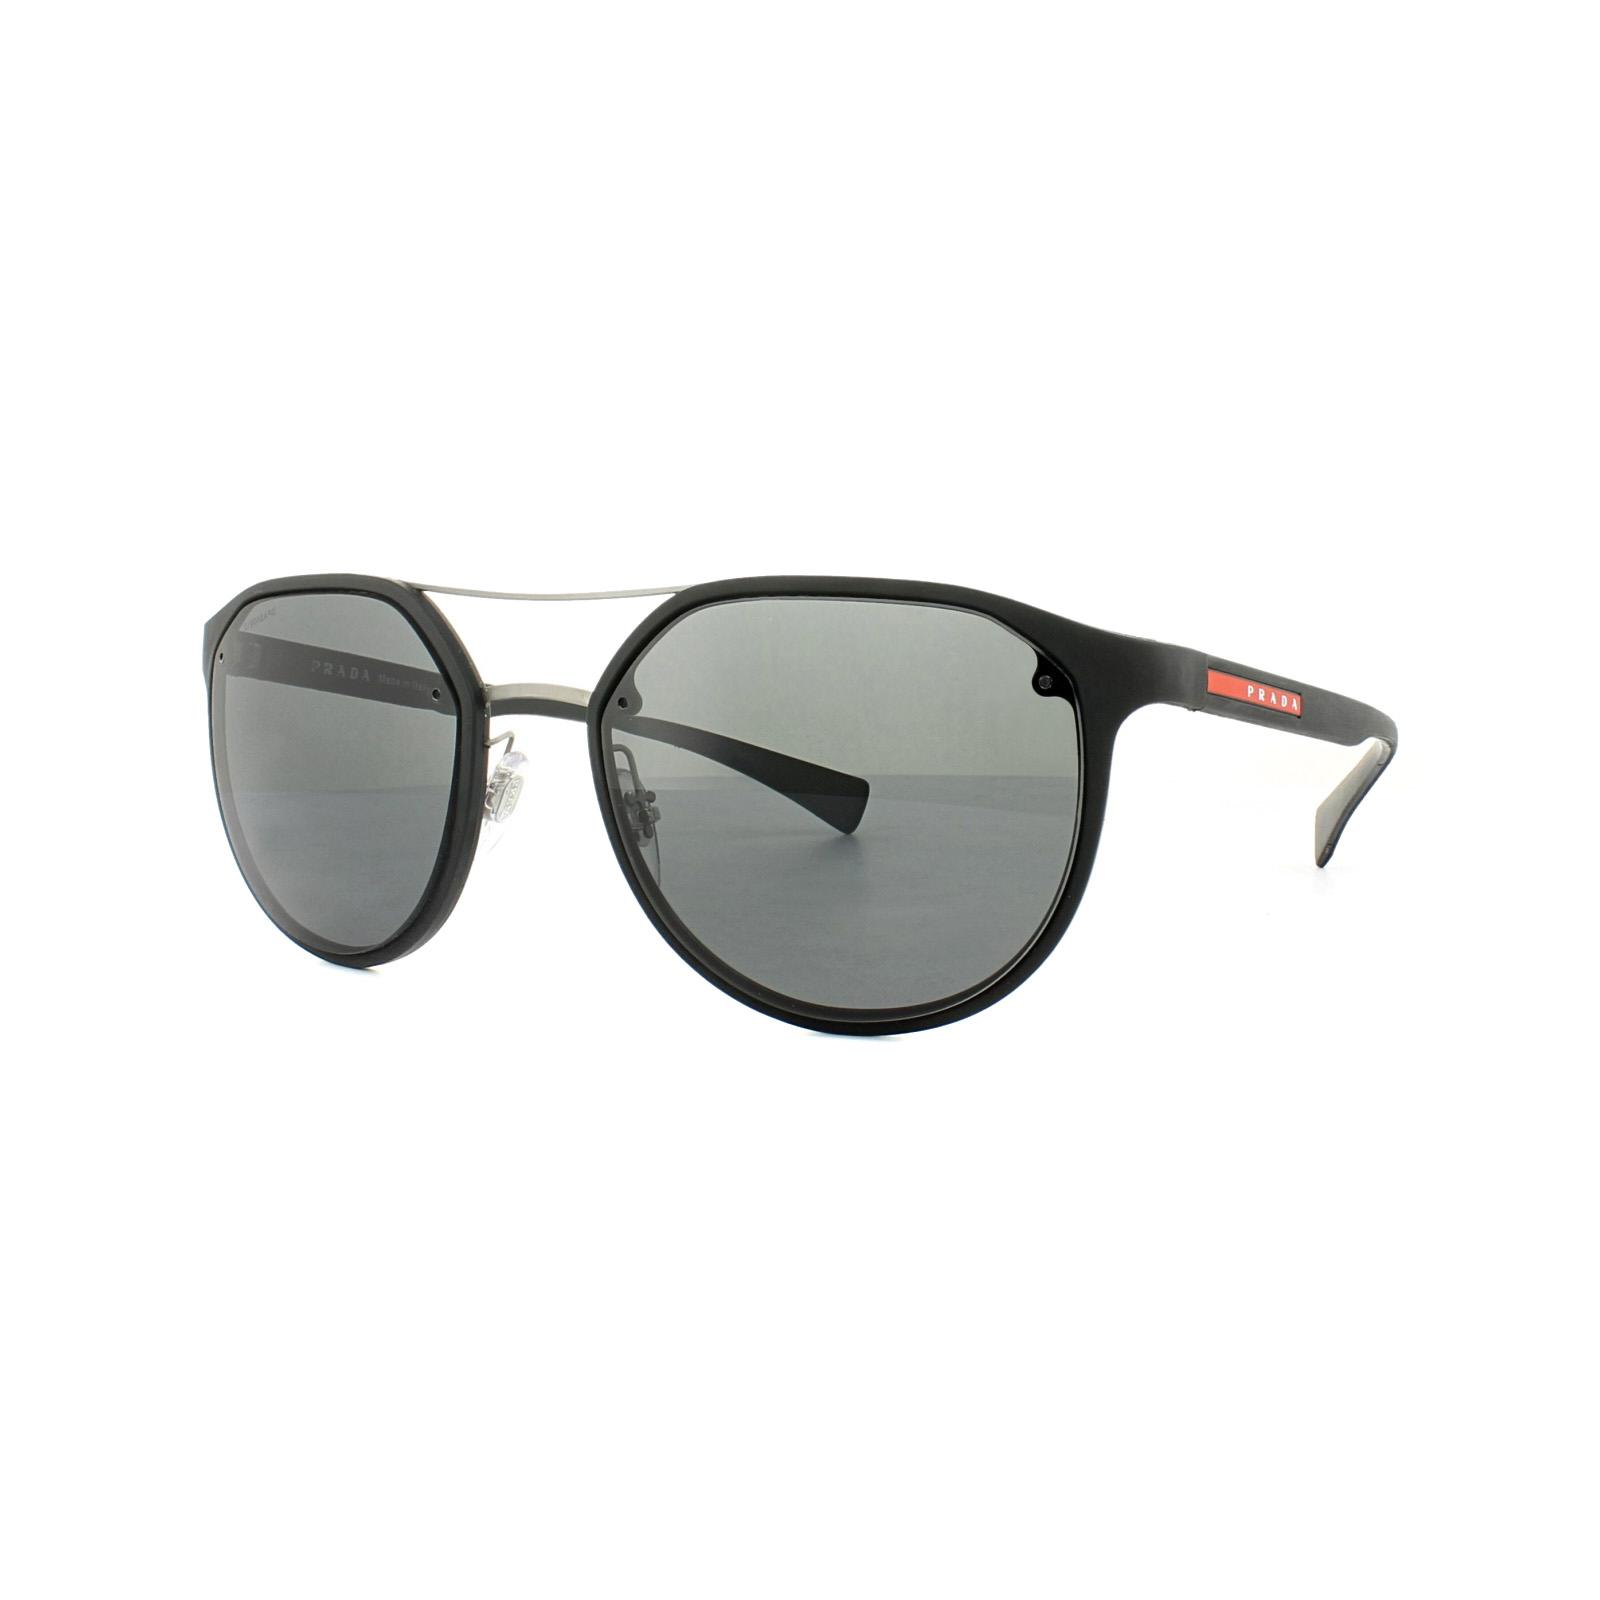 ae5e406477315 Sentinel Thumbnail 1. Sentinel Prada Sport Sunglasses ...